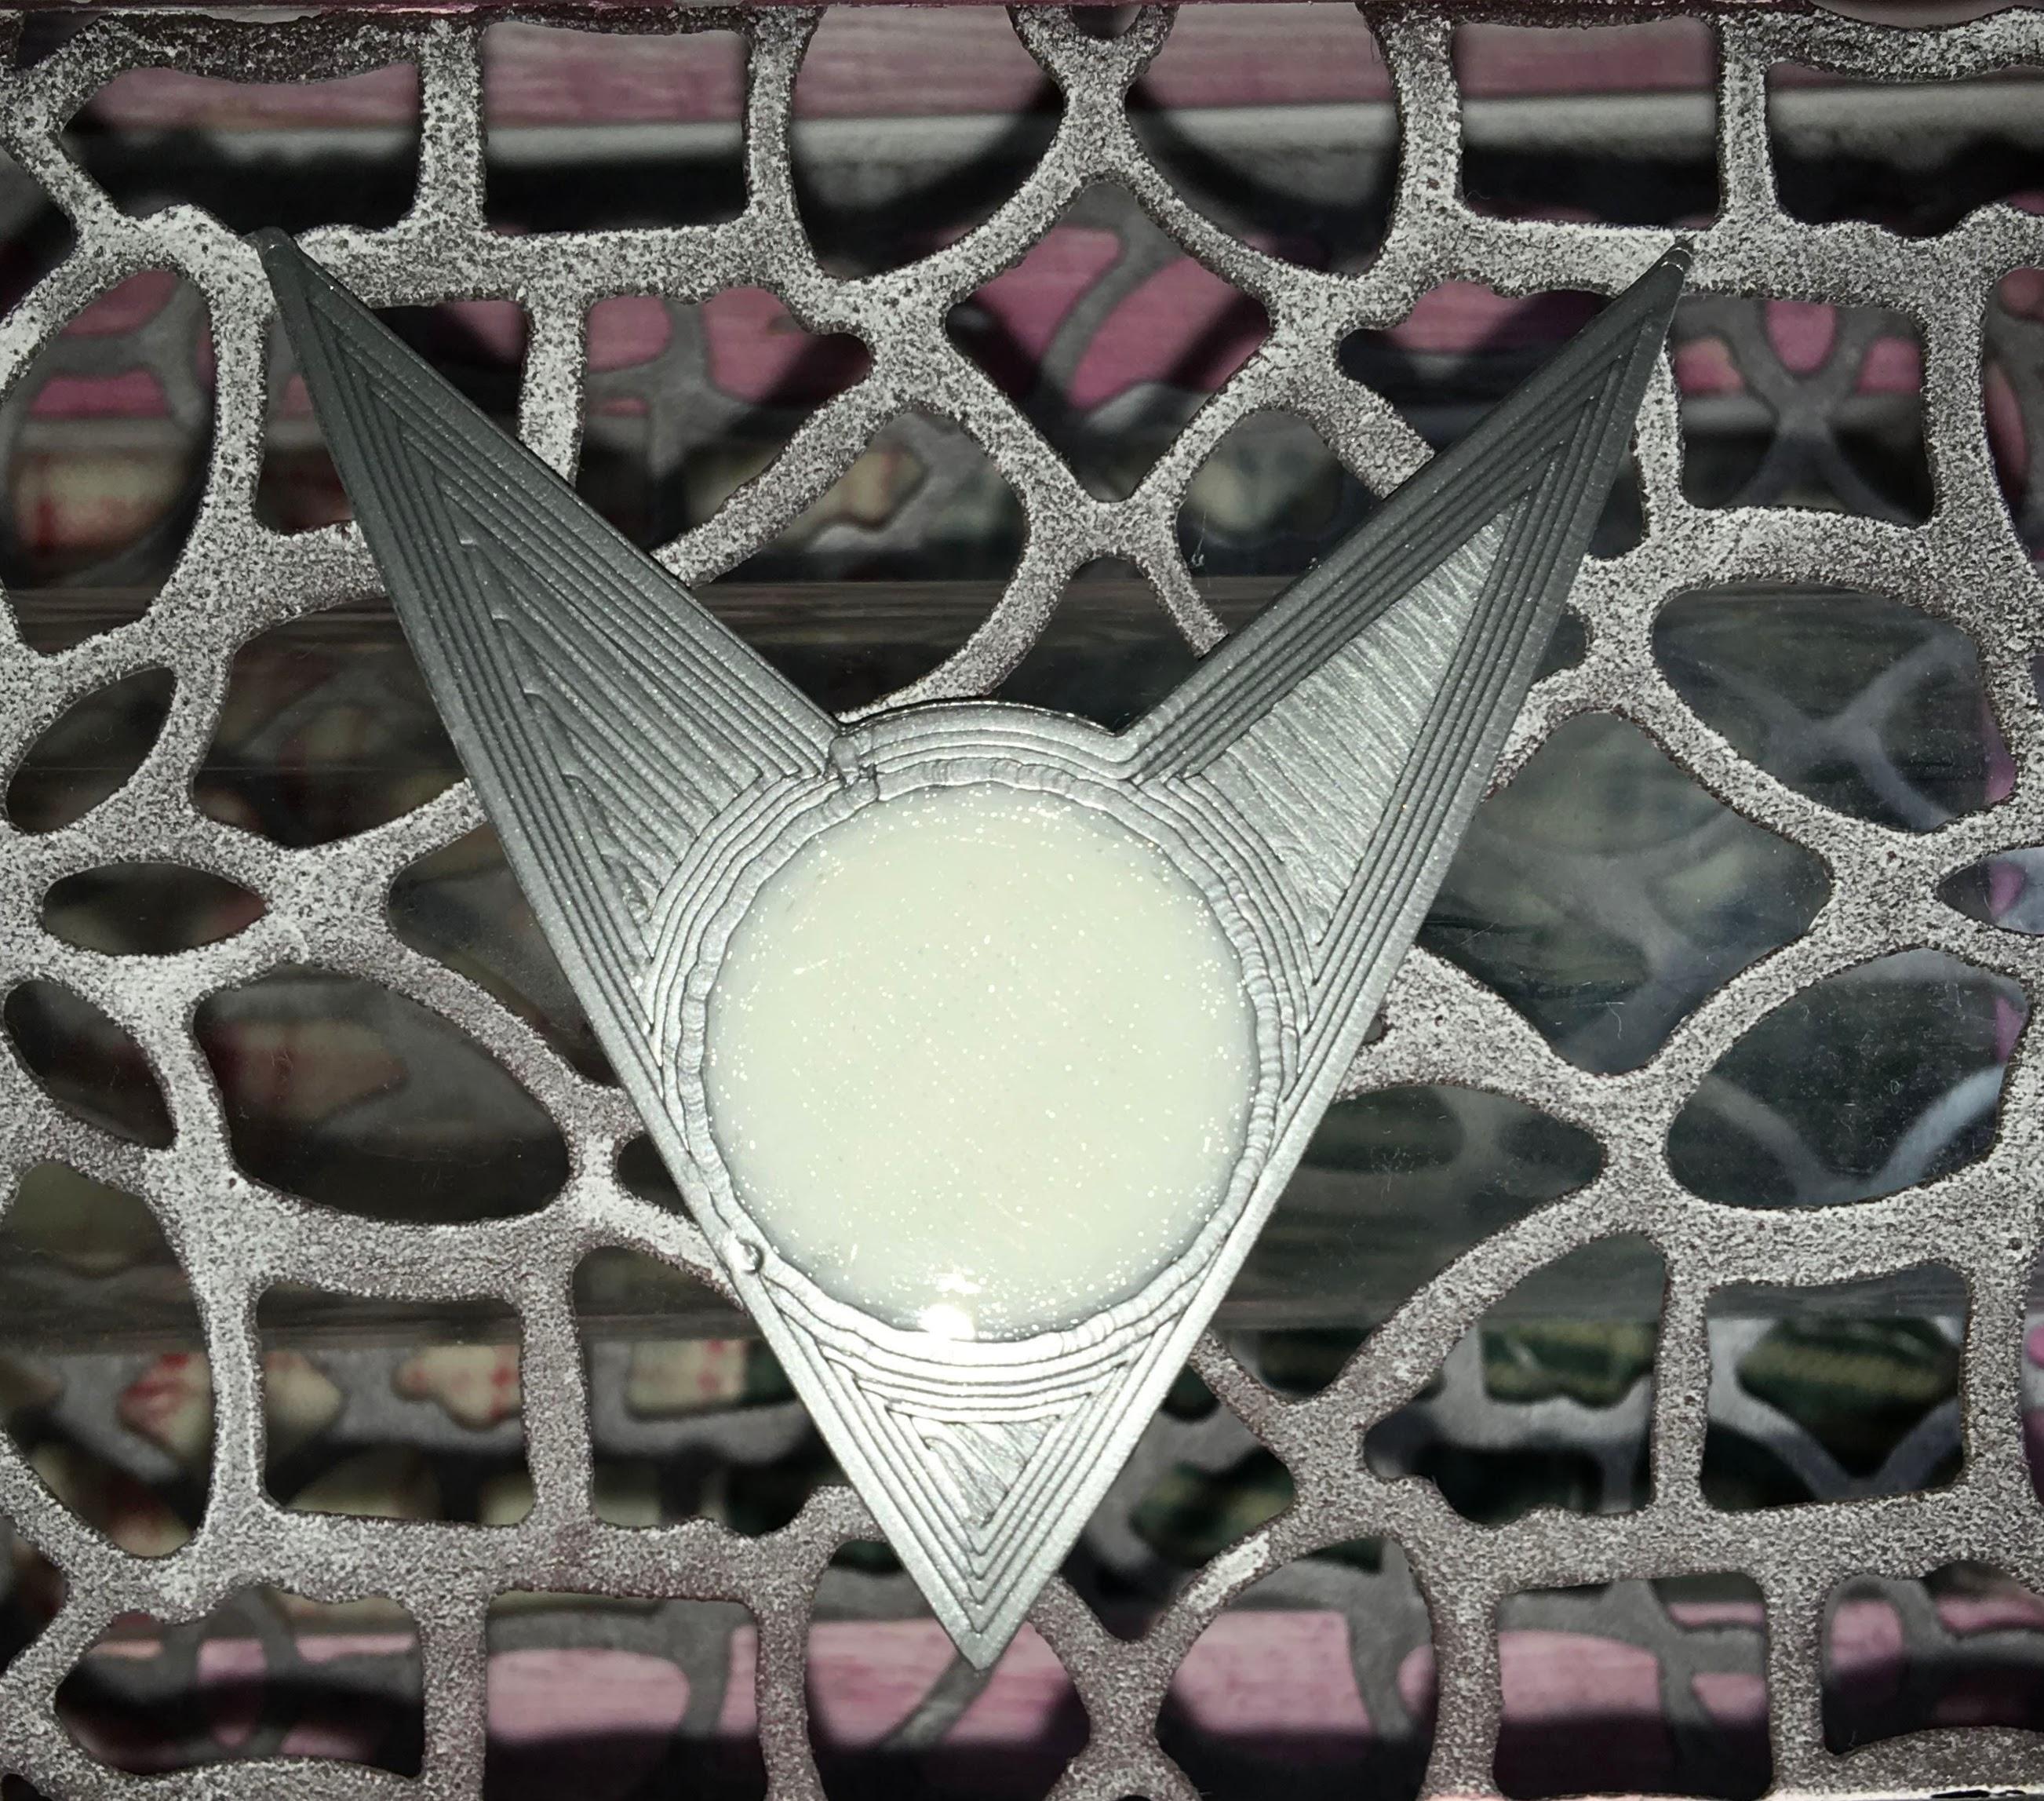 FISHTAIL 180819.JPG Download free STL file FISHTAIL (electric guitar pick) • 3D printer template, carleslluisar